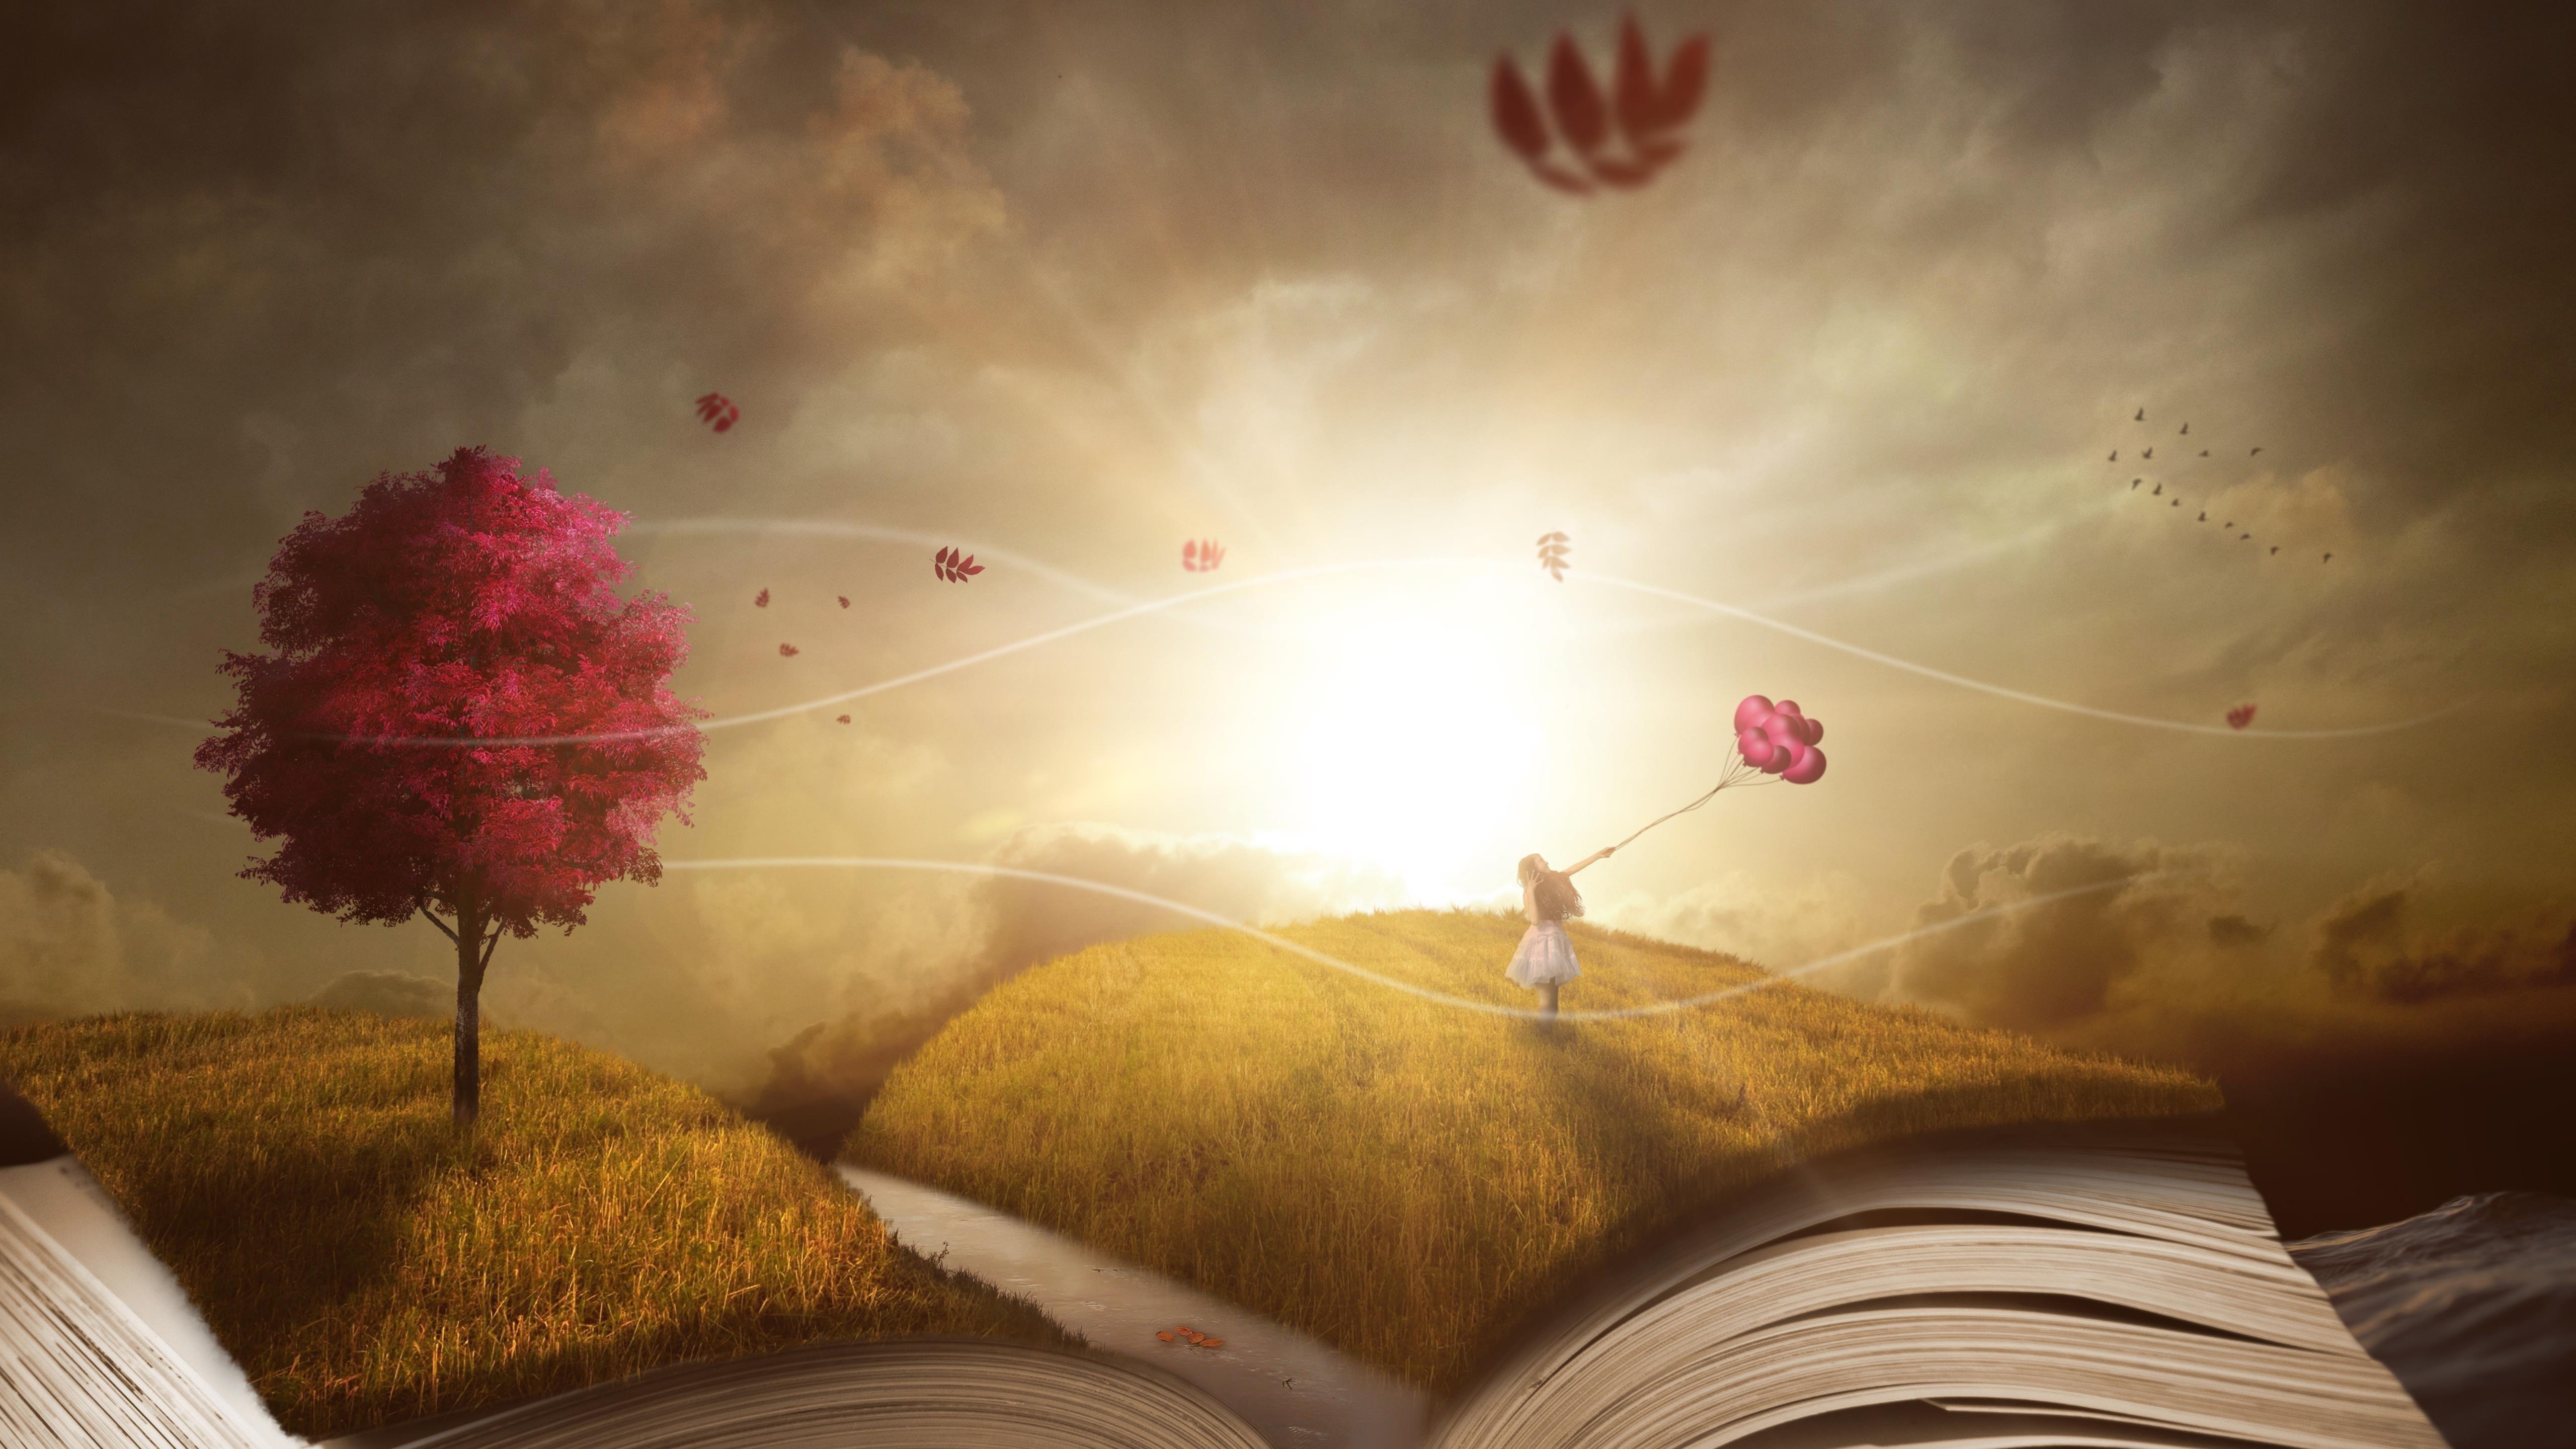 Книга фэнтези обои скачать